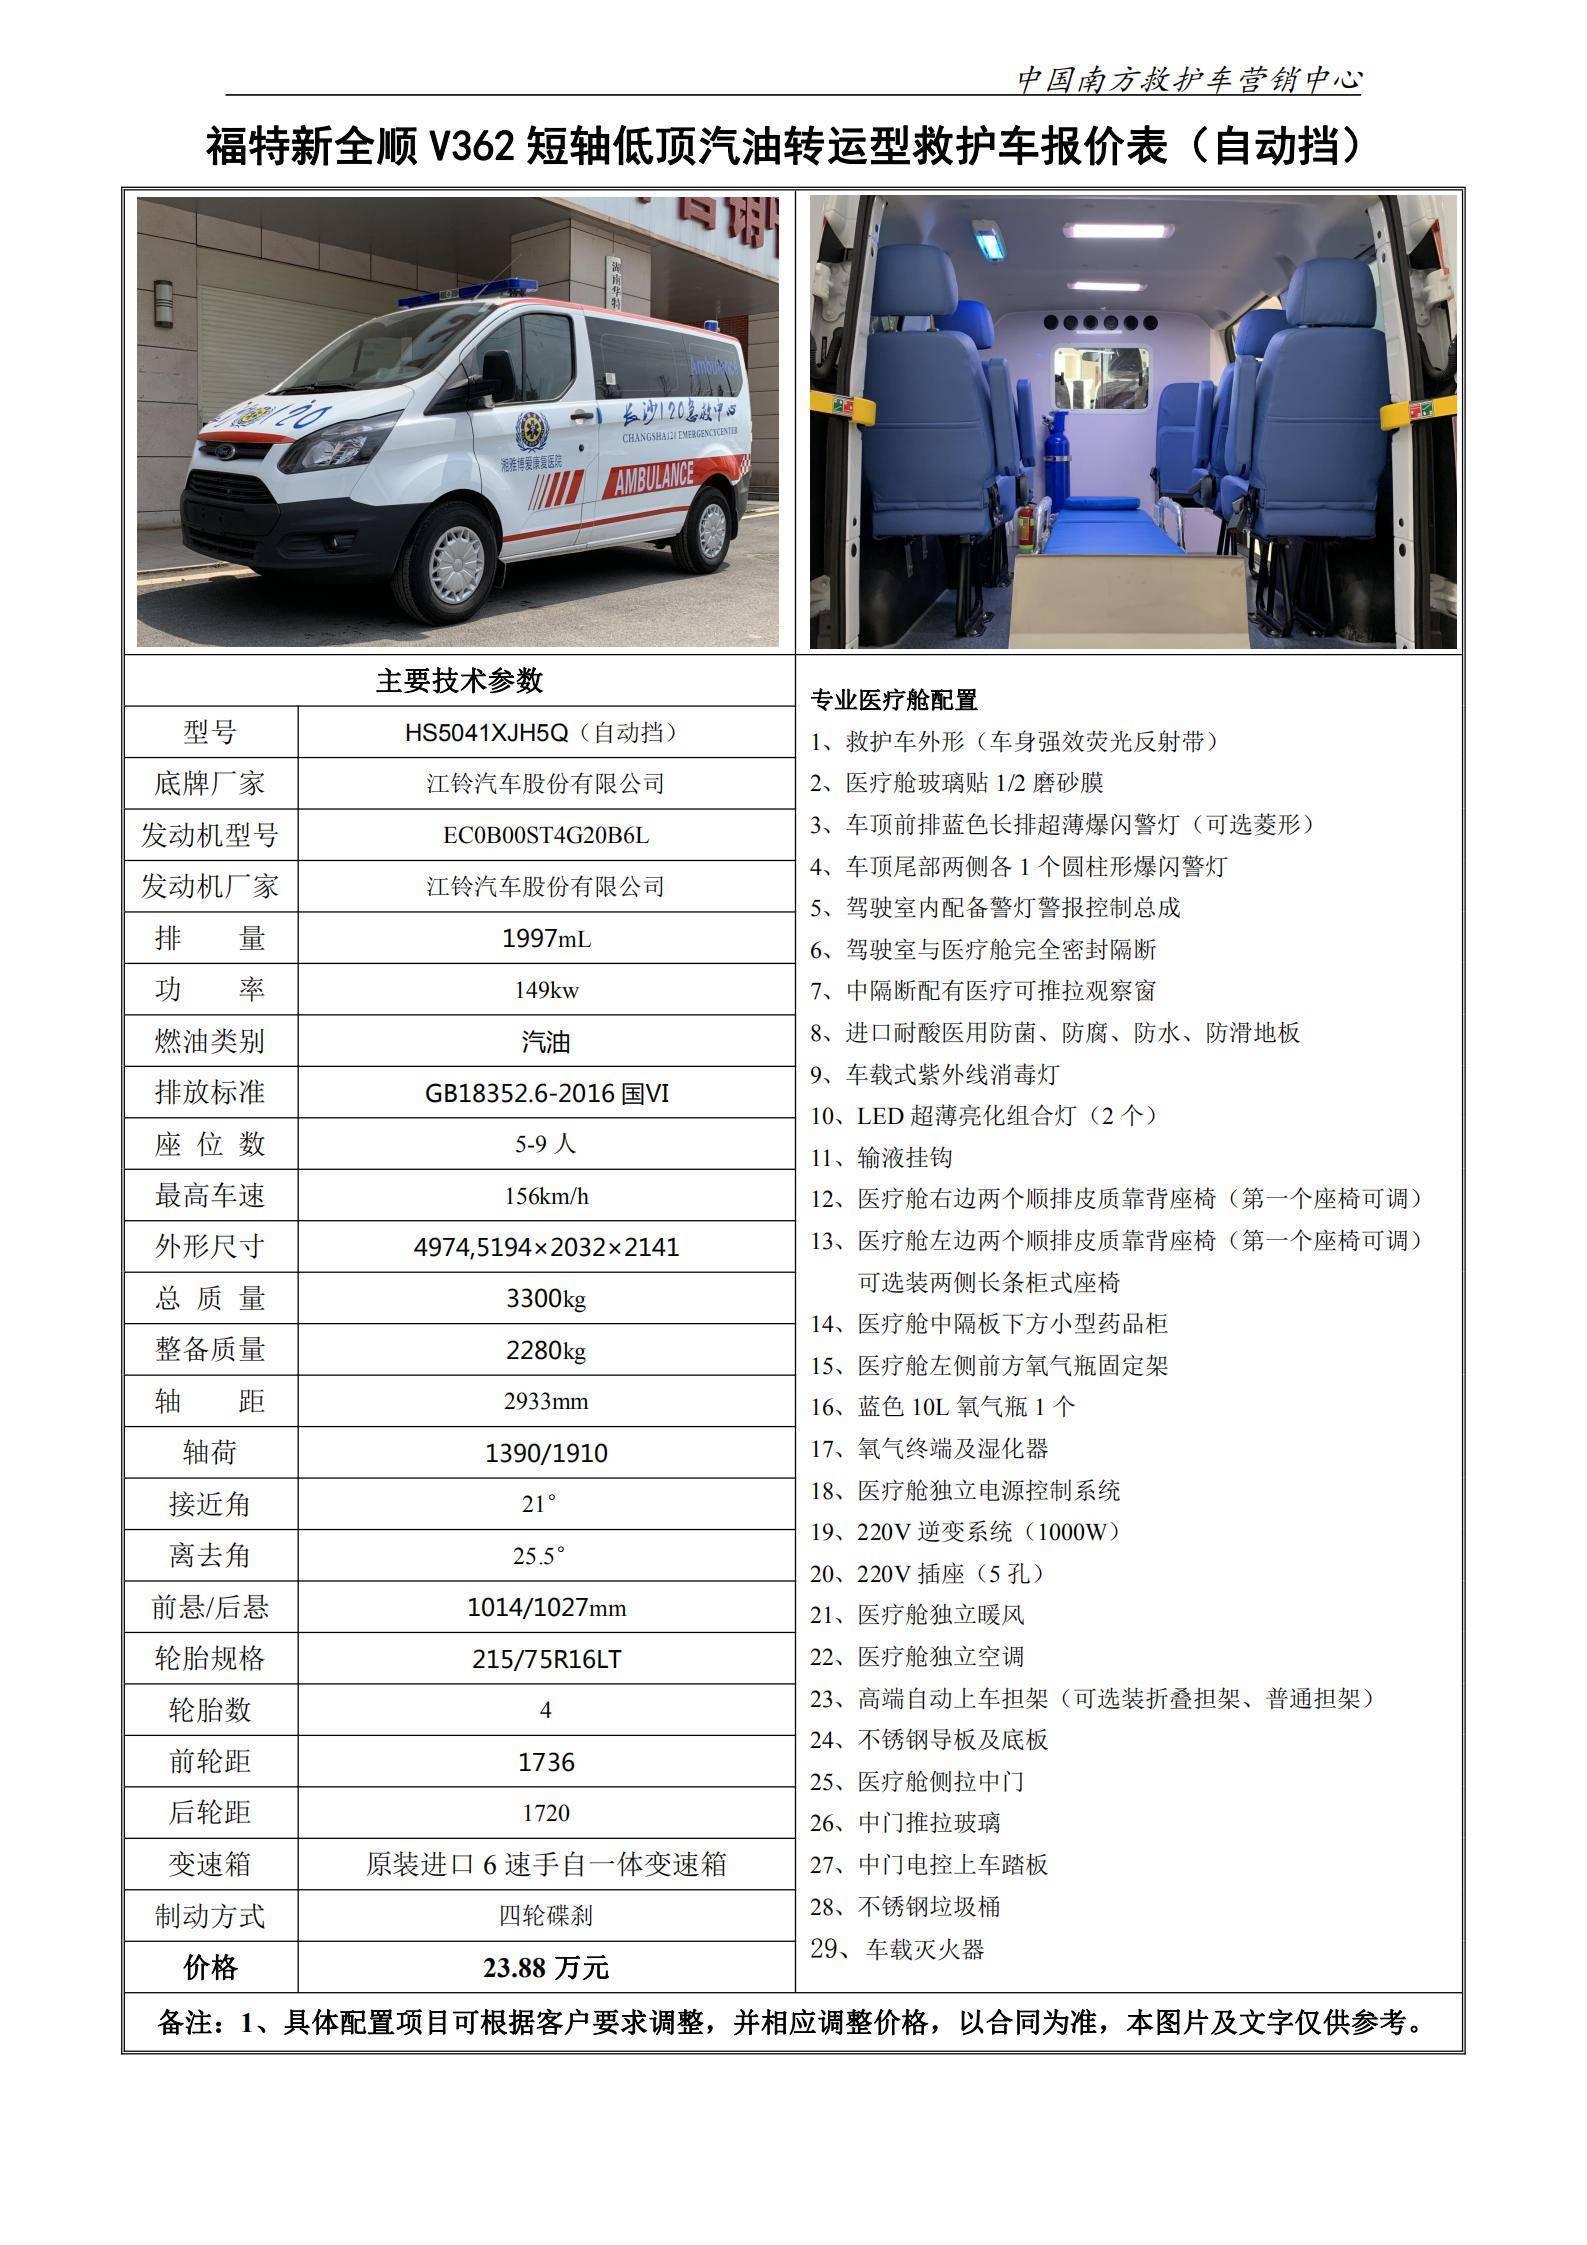 10、Ⅴ362短低汽油转运型救护车(自动